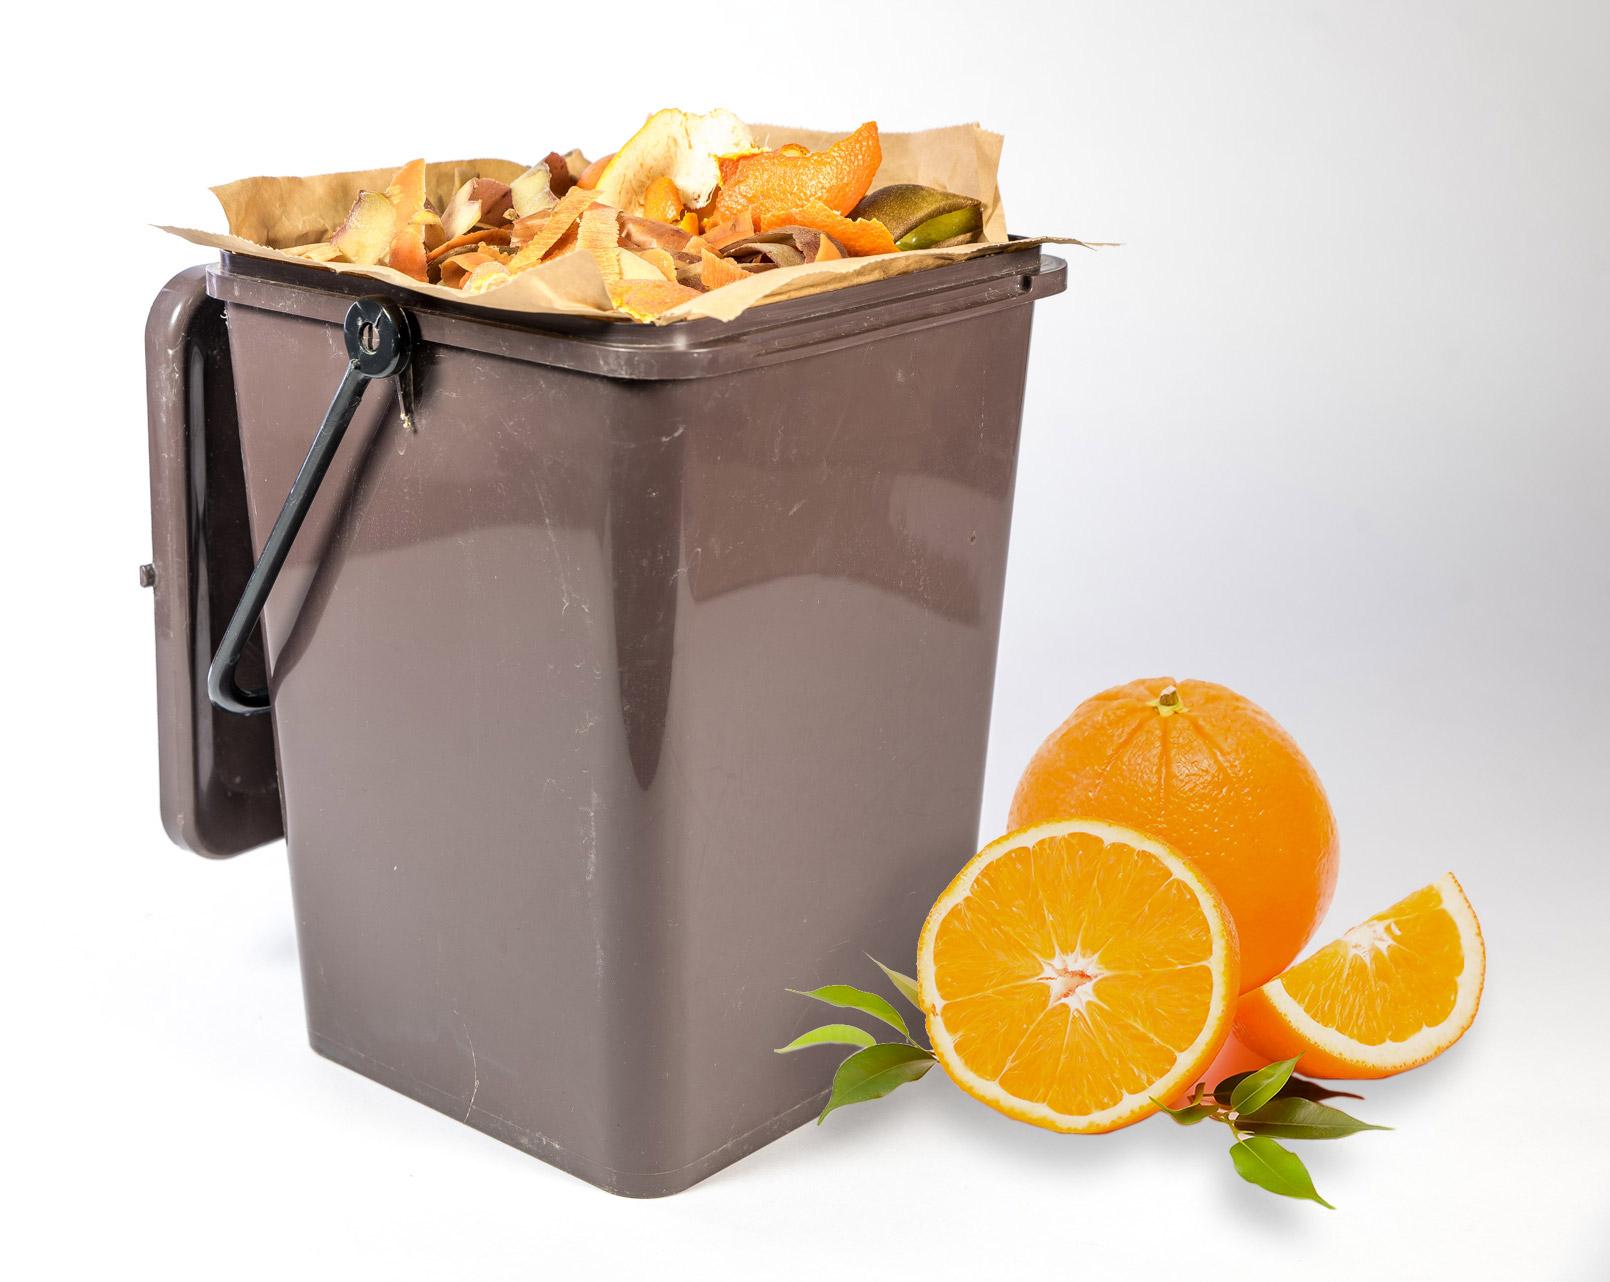 Sacs en papier pour la collecte des déchets des collectivités